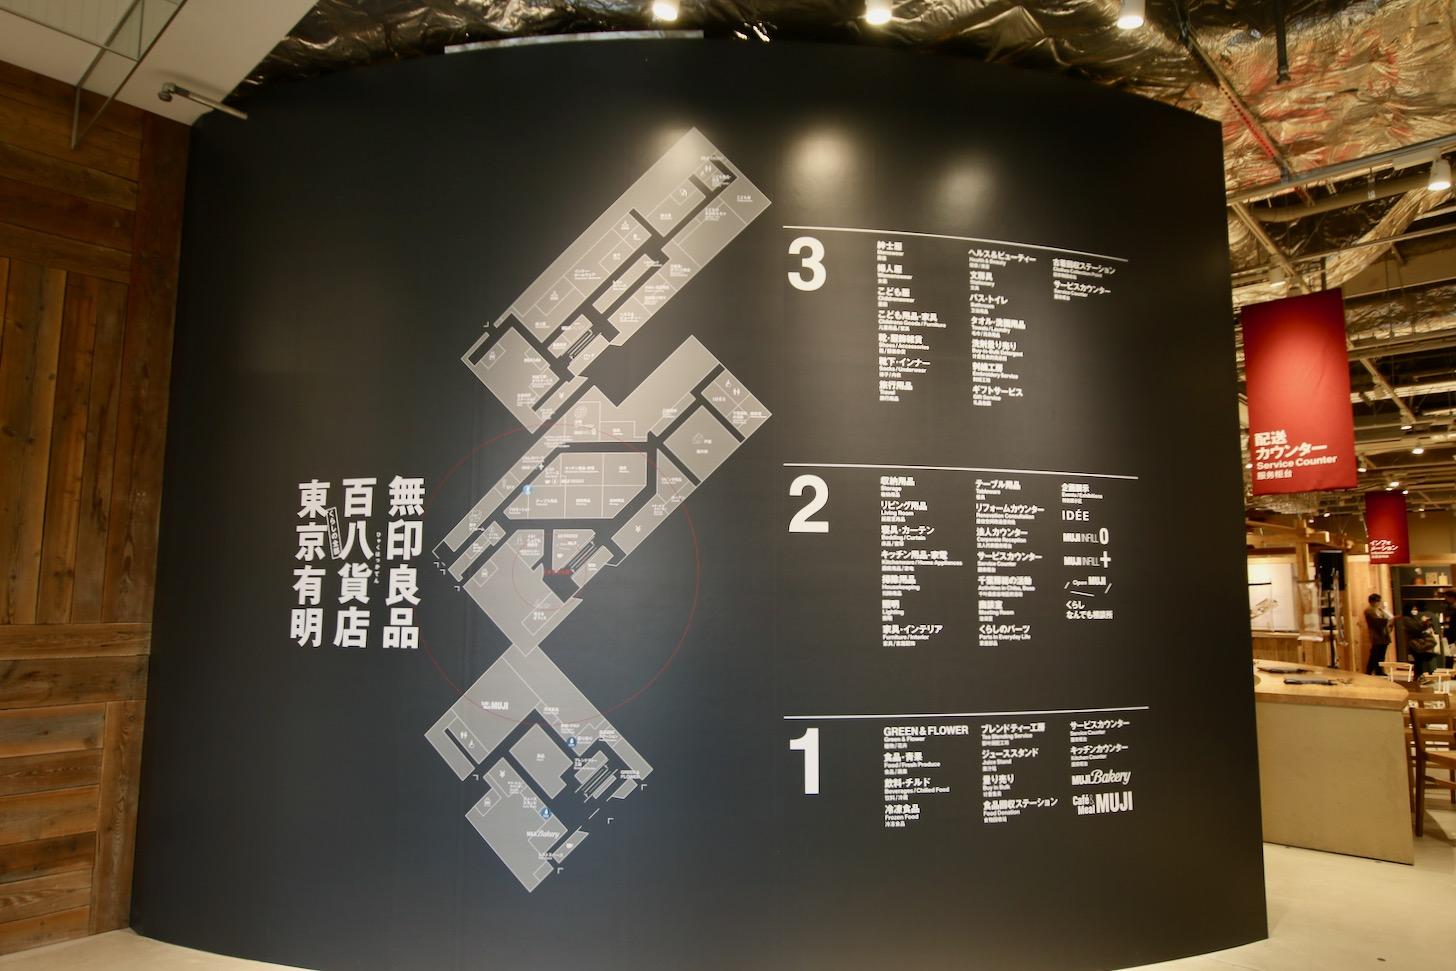 無印良品 東京有明の店内マップ